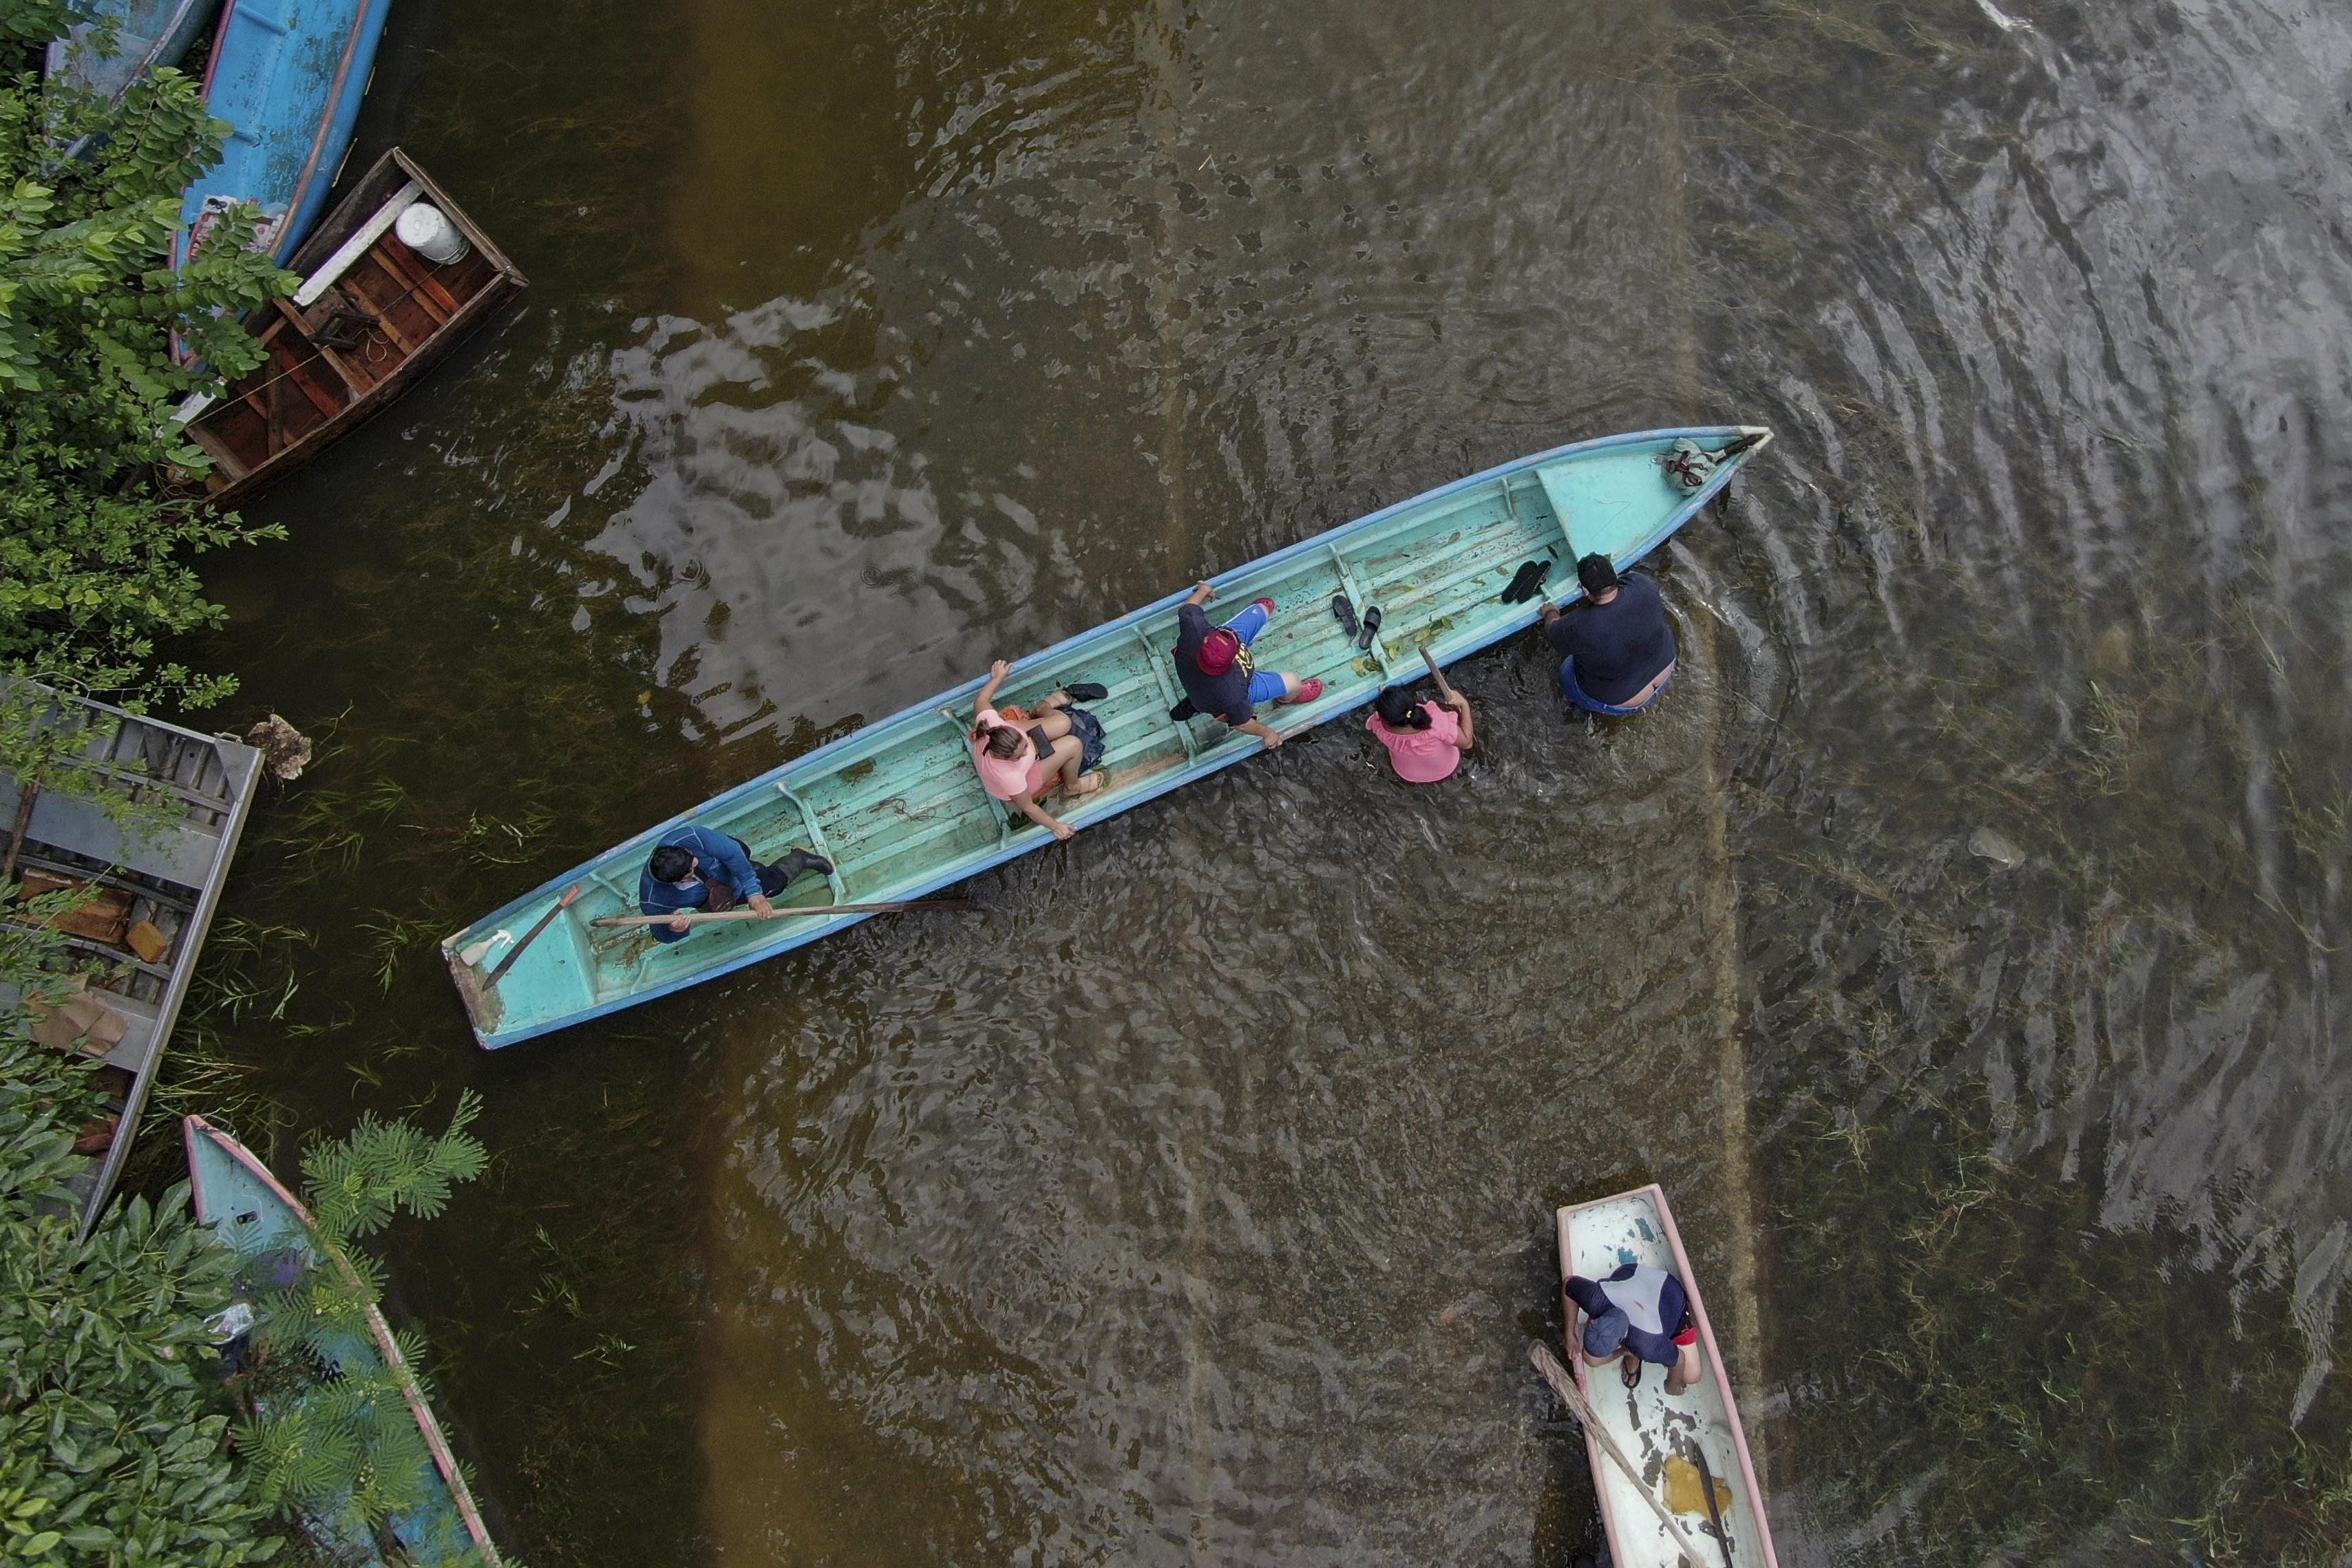 Vista de una balsa tras el desborde del río Grijalva debido a las fuertes lluvias en Villahermosa, estado de Tabasco, México, el 7 de noviembre de 2020.